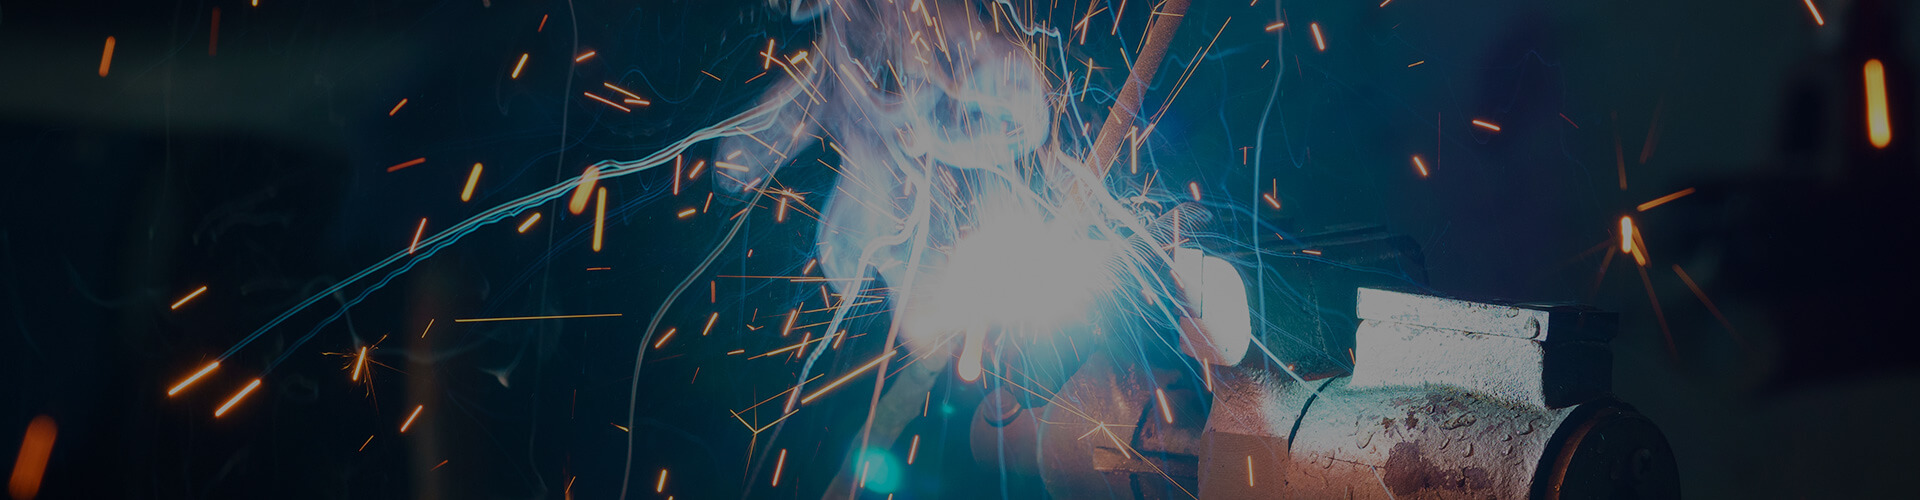 gassun-welding-cutting-consumables